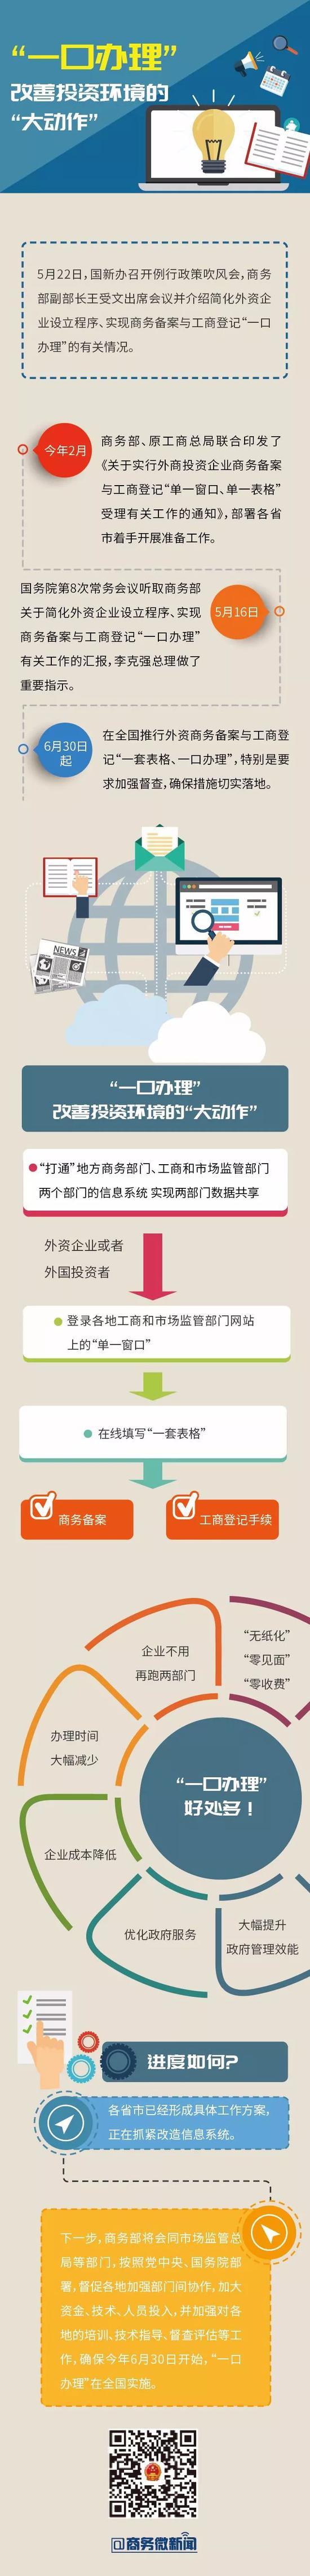 外资企业要查收哪些政策新红利?一图看懂商务部新政